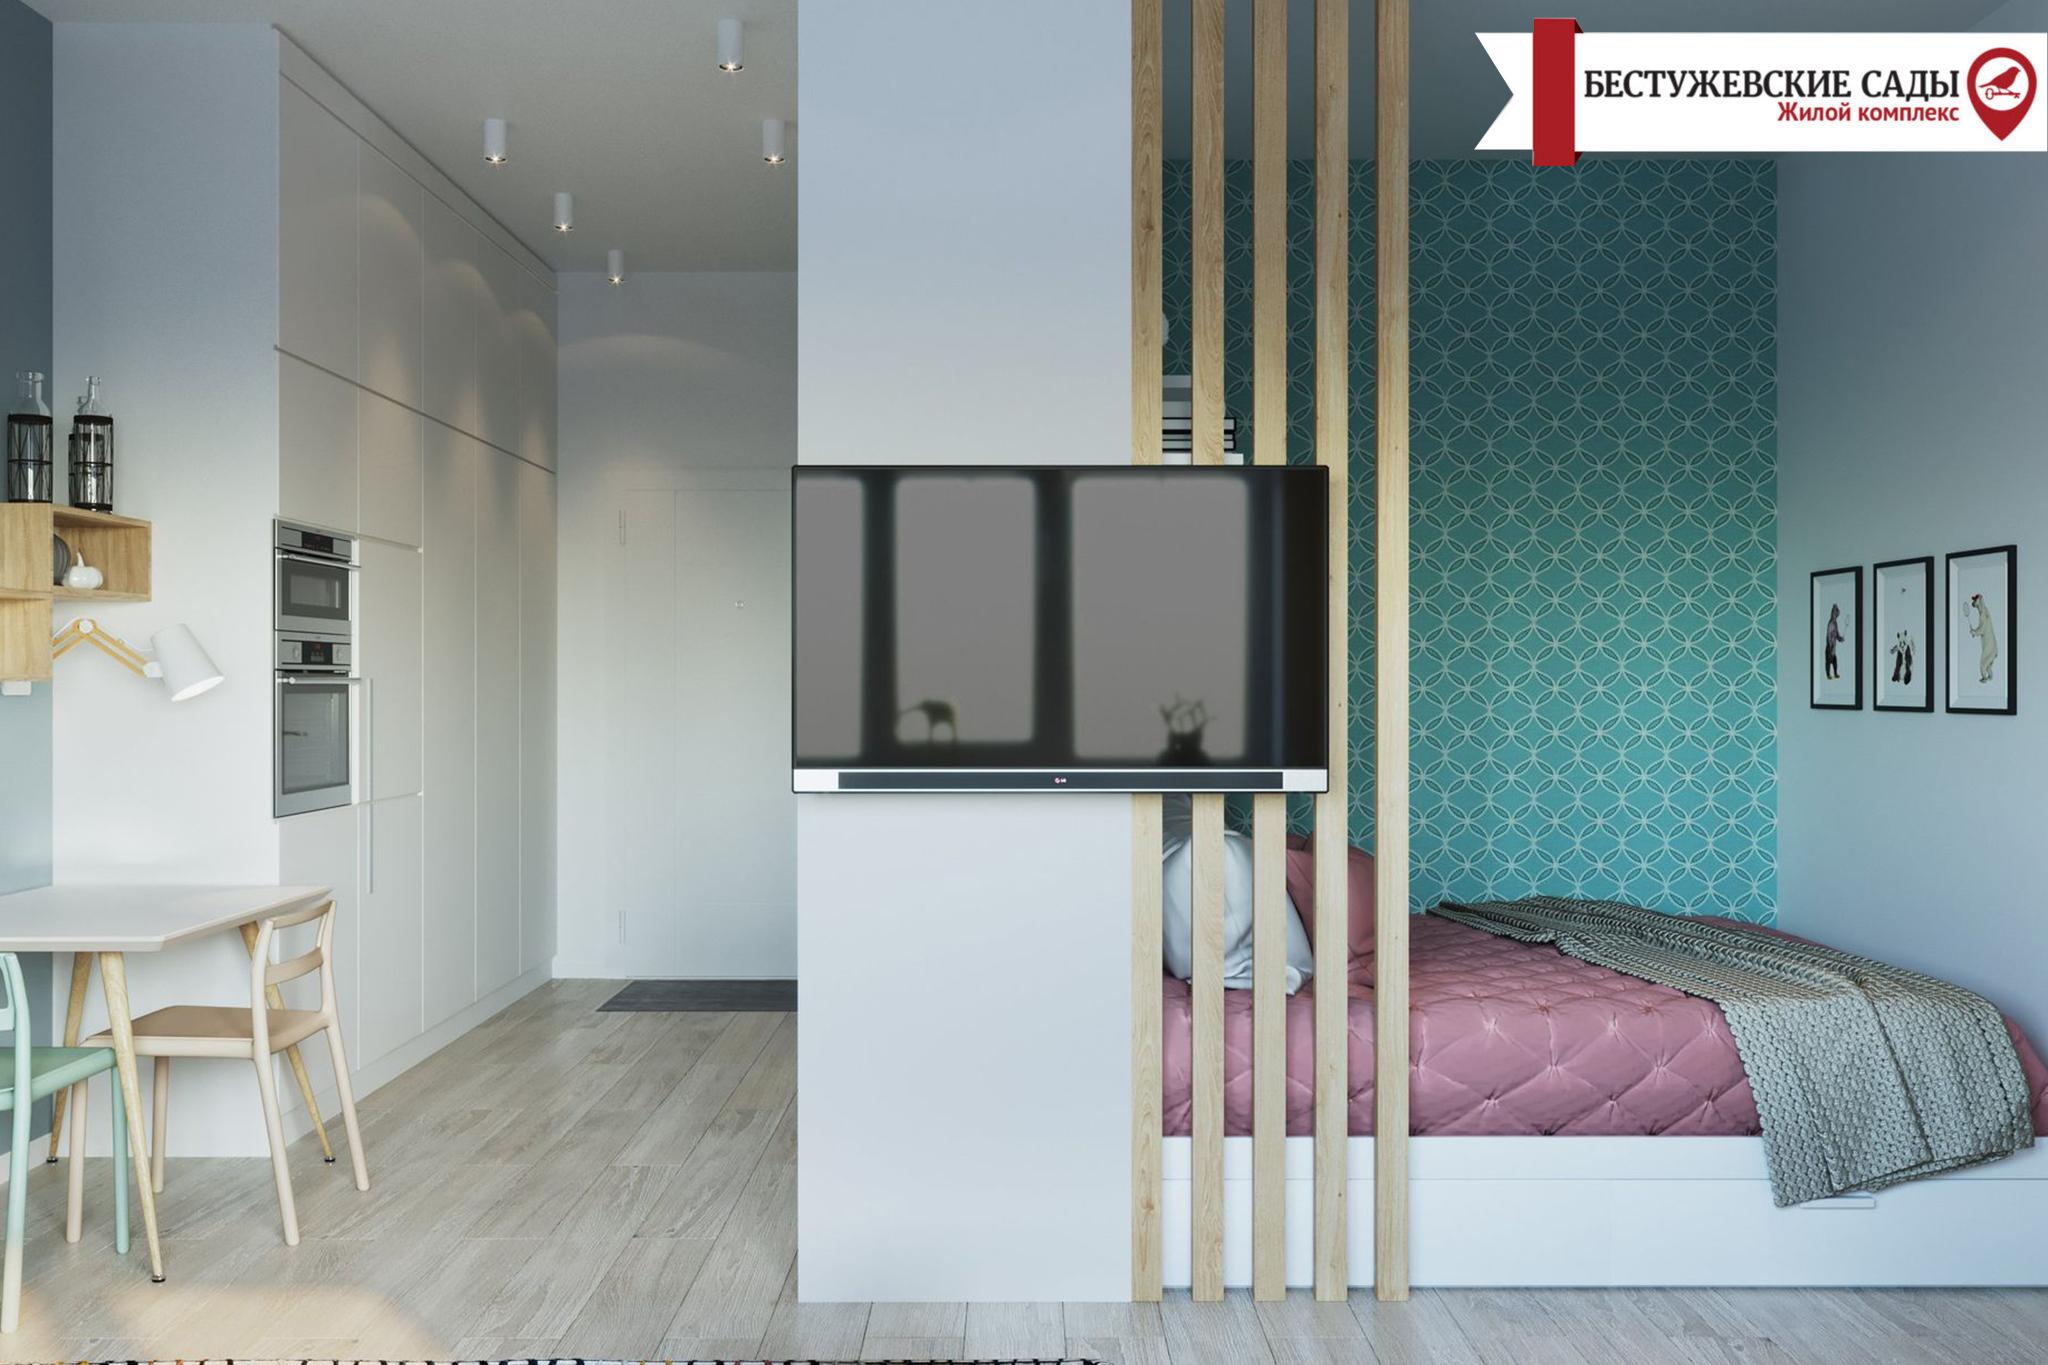 Бюджетні квартири в Харкові – ЖК «Бестужівські Сади»